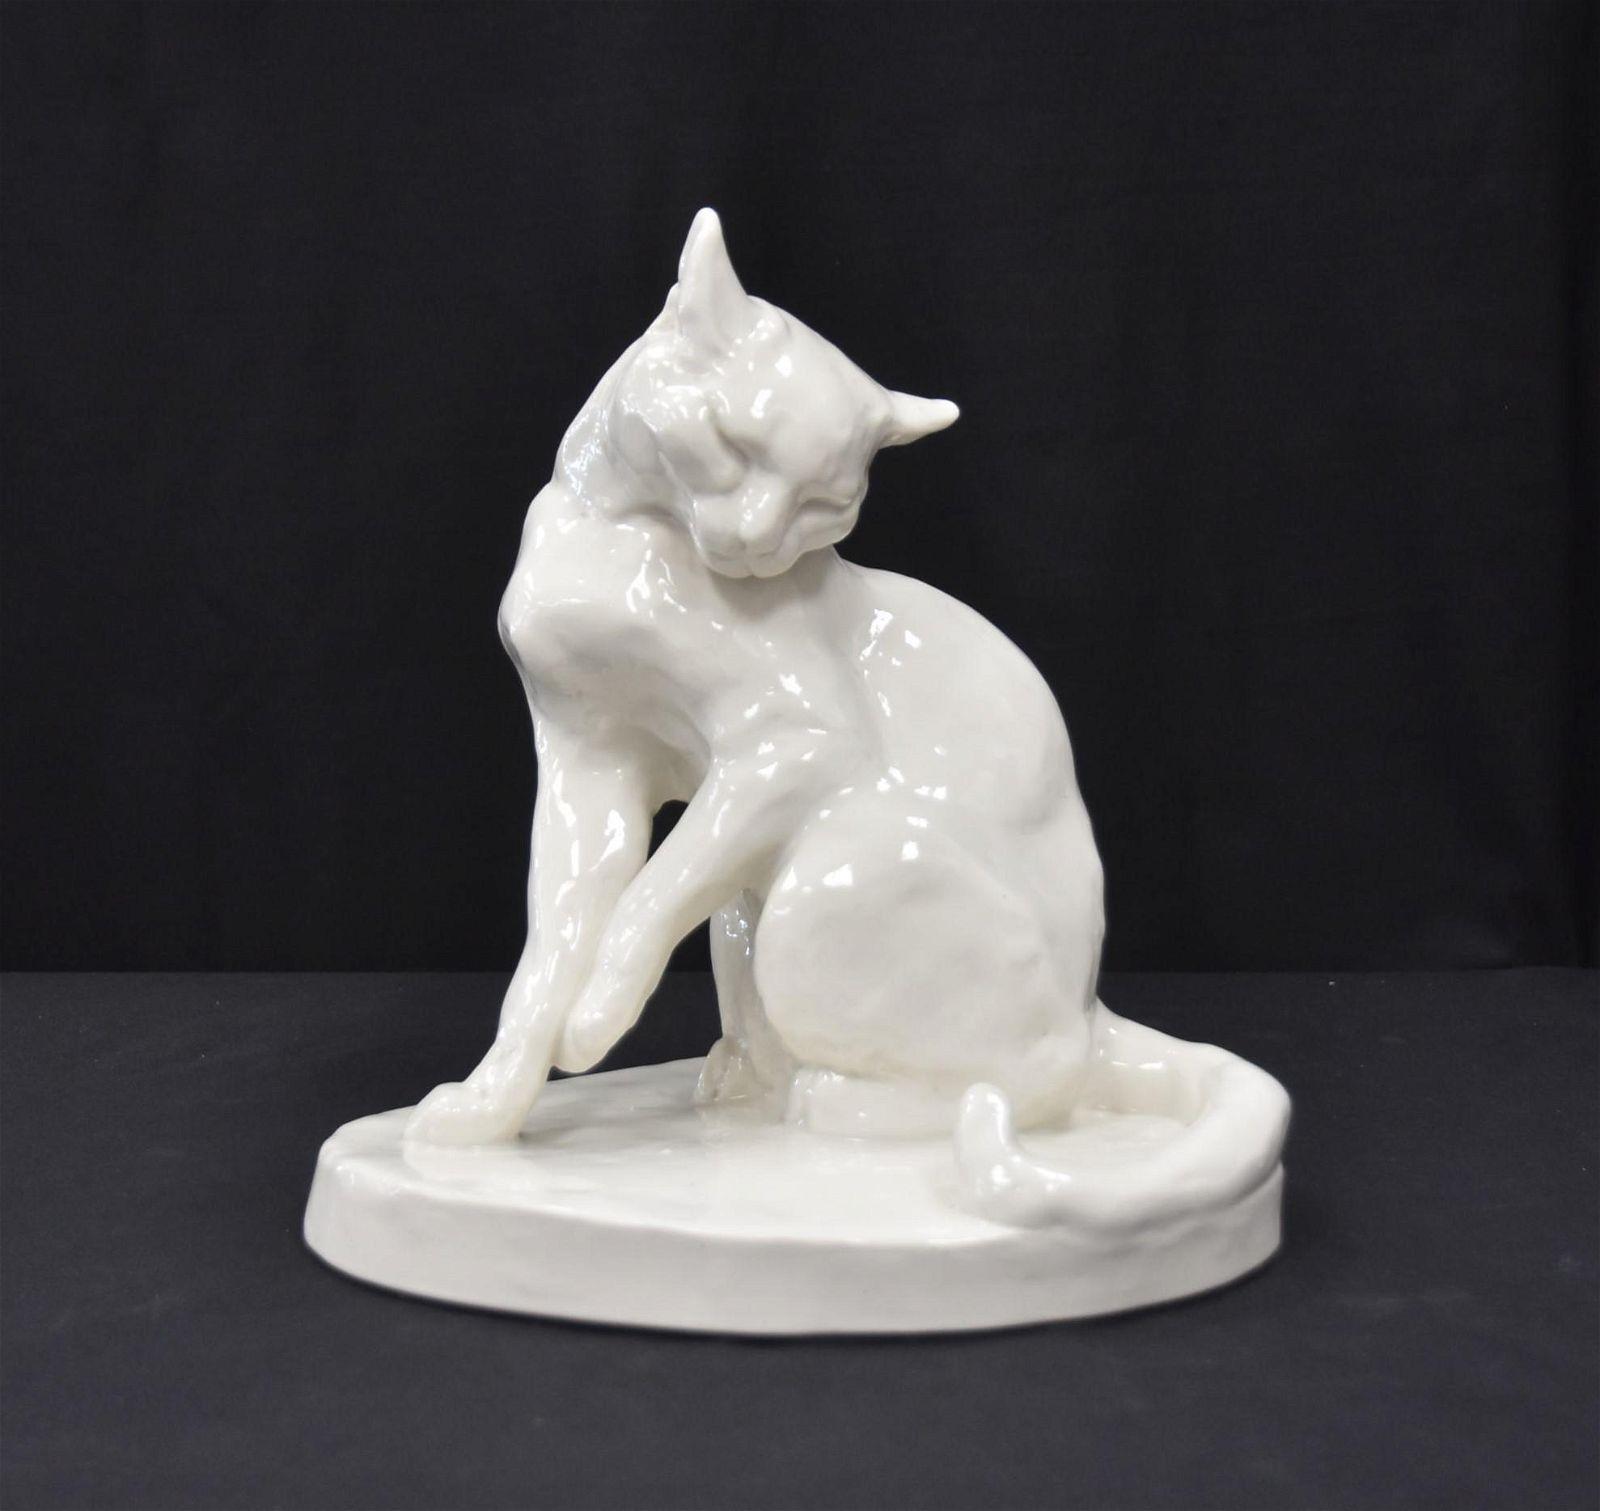 LARGE SCHAWRZBURGER PORCELAIN CAT FIGURE